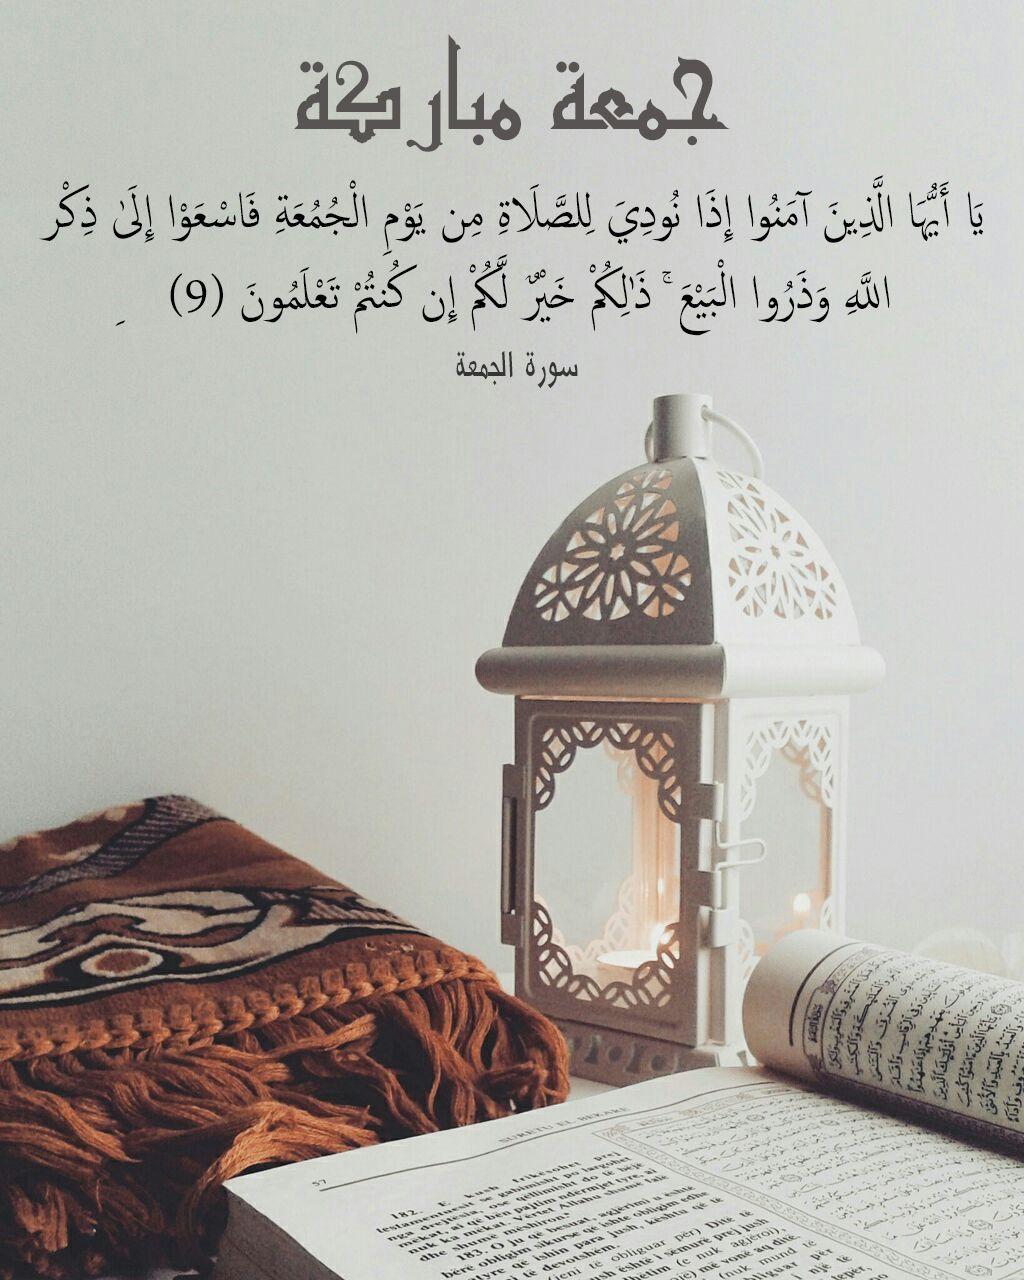 صور جمعة مباركة مكتوب عليها آية يوم الجمعة عالم الصور Islamic Quotes Wallpaper Jumma Mubarak Beautiful Images Wallpaper Quotes